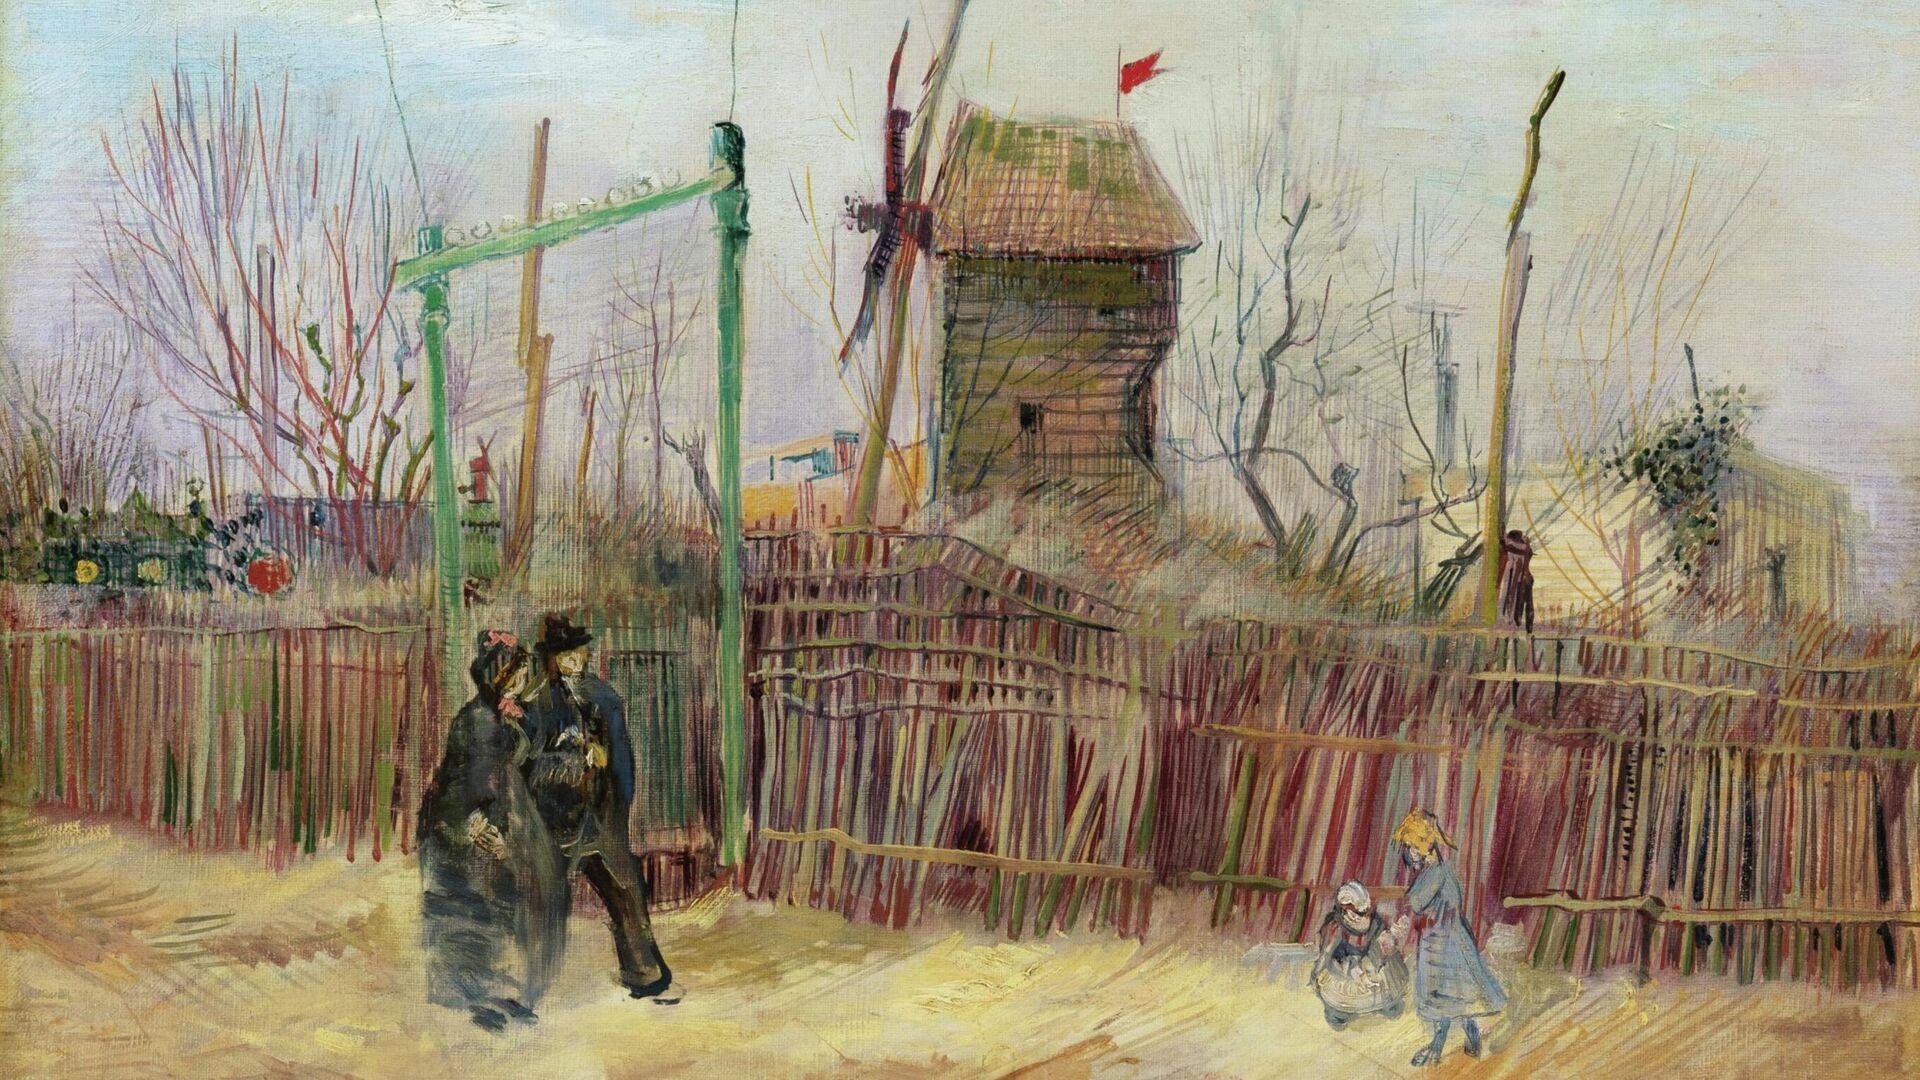 Картина Уличная сцена в Монмартре художника Ван Гога - РИА Новости, 1920, 25.02.2021